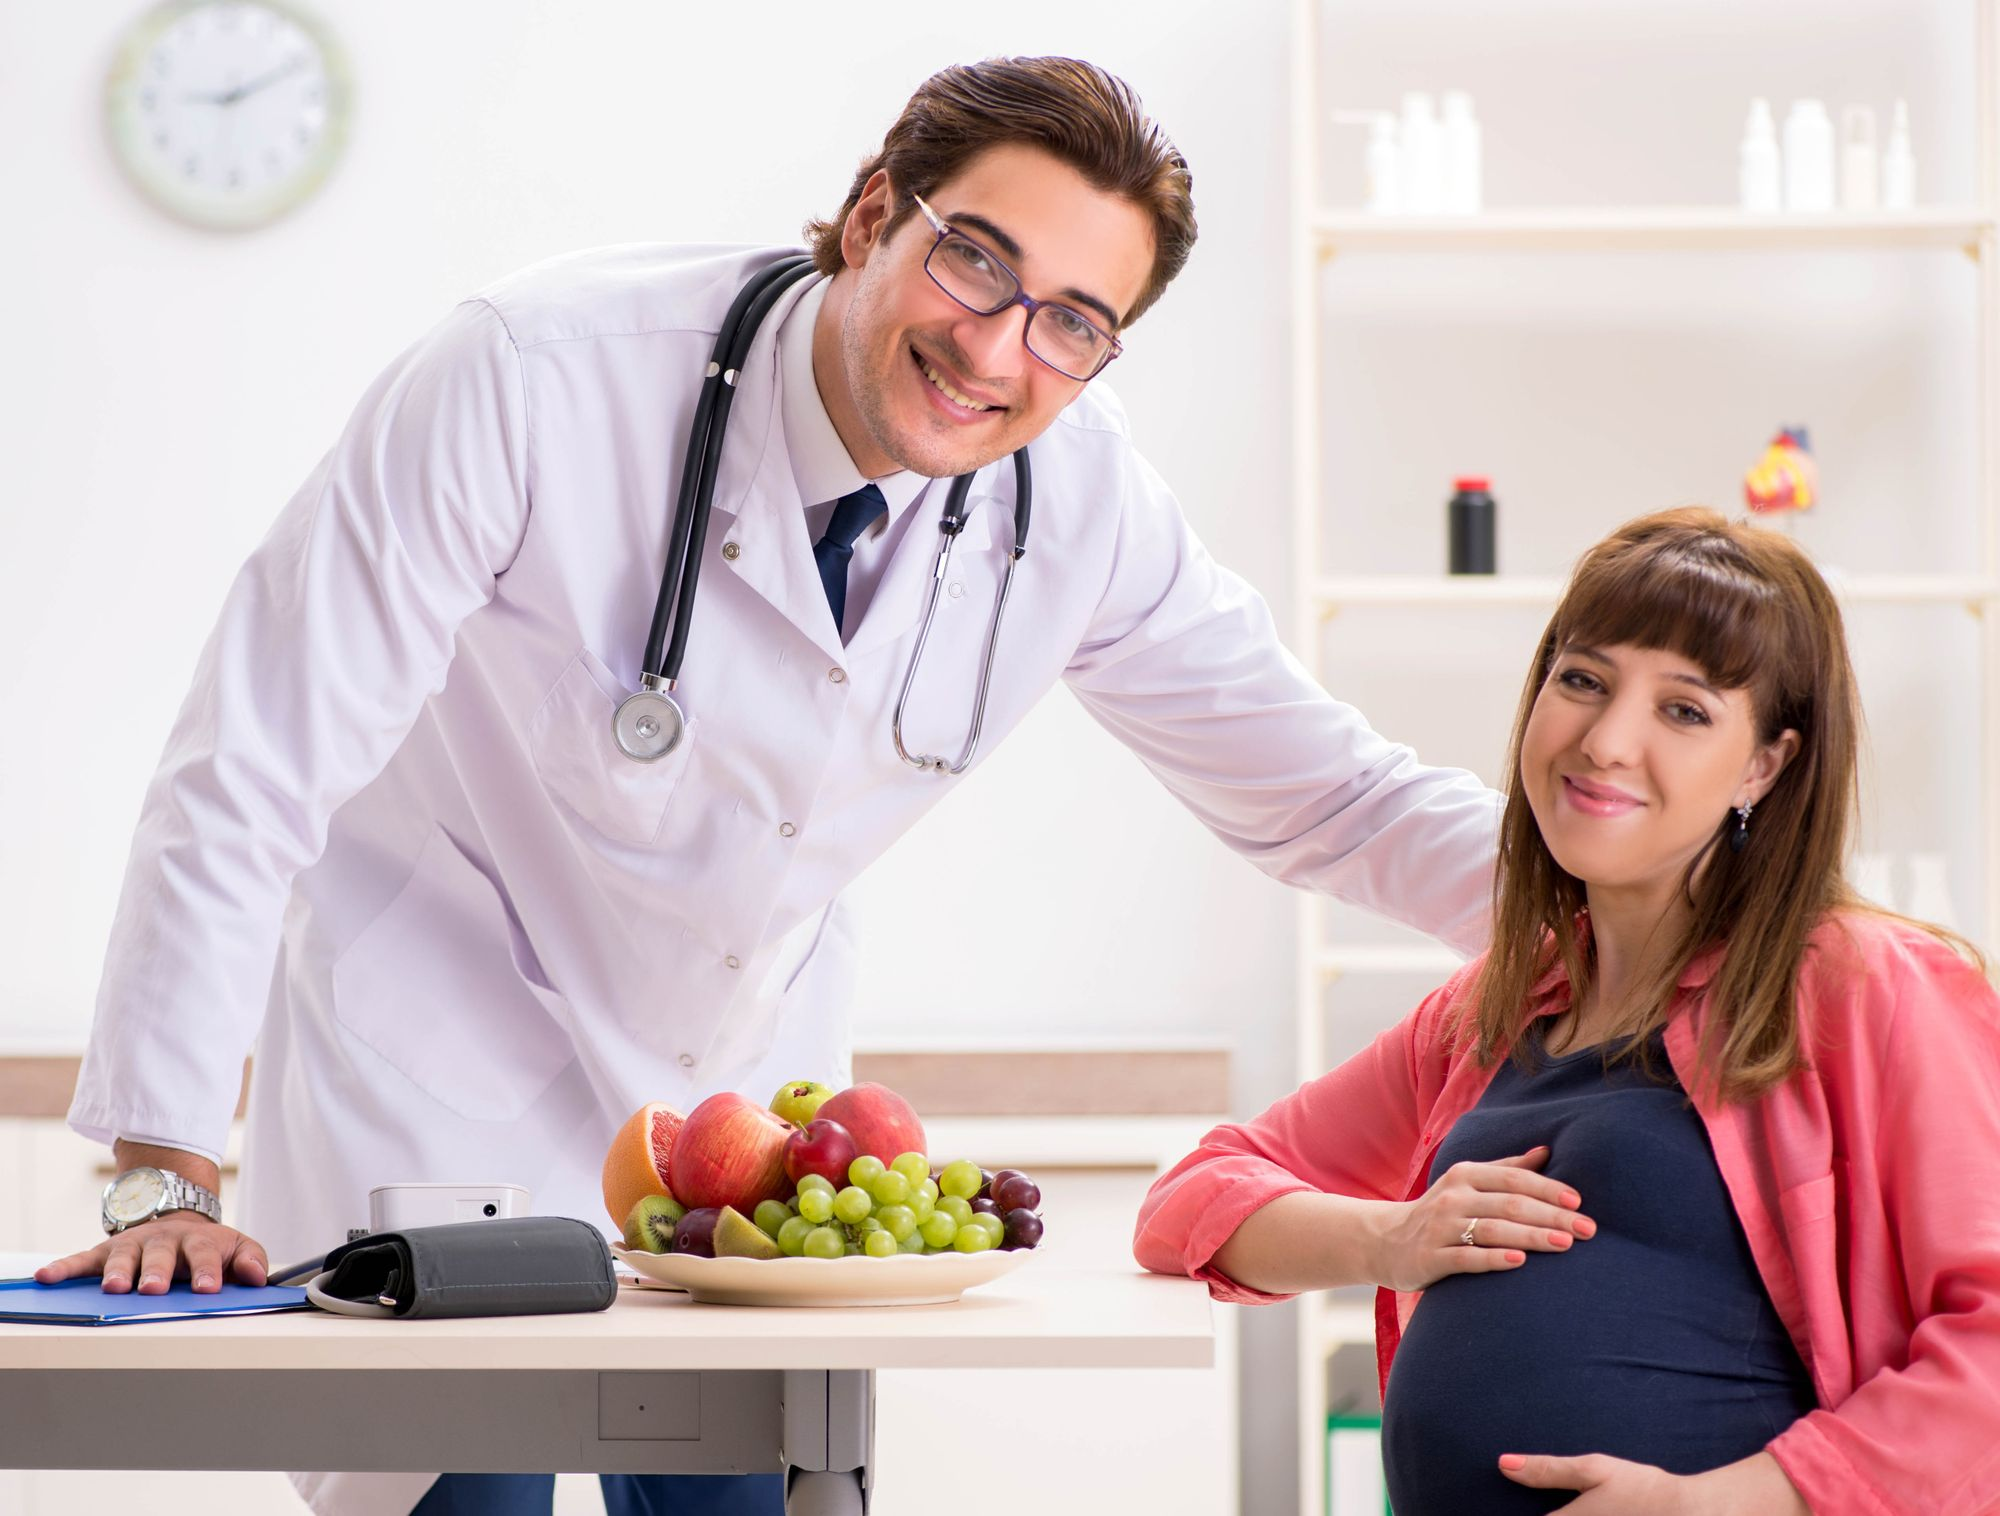 7 Perguntas e Respostas sobre Como ter uma Gravidez Saudável